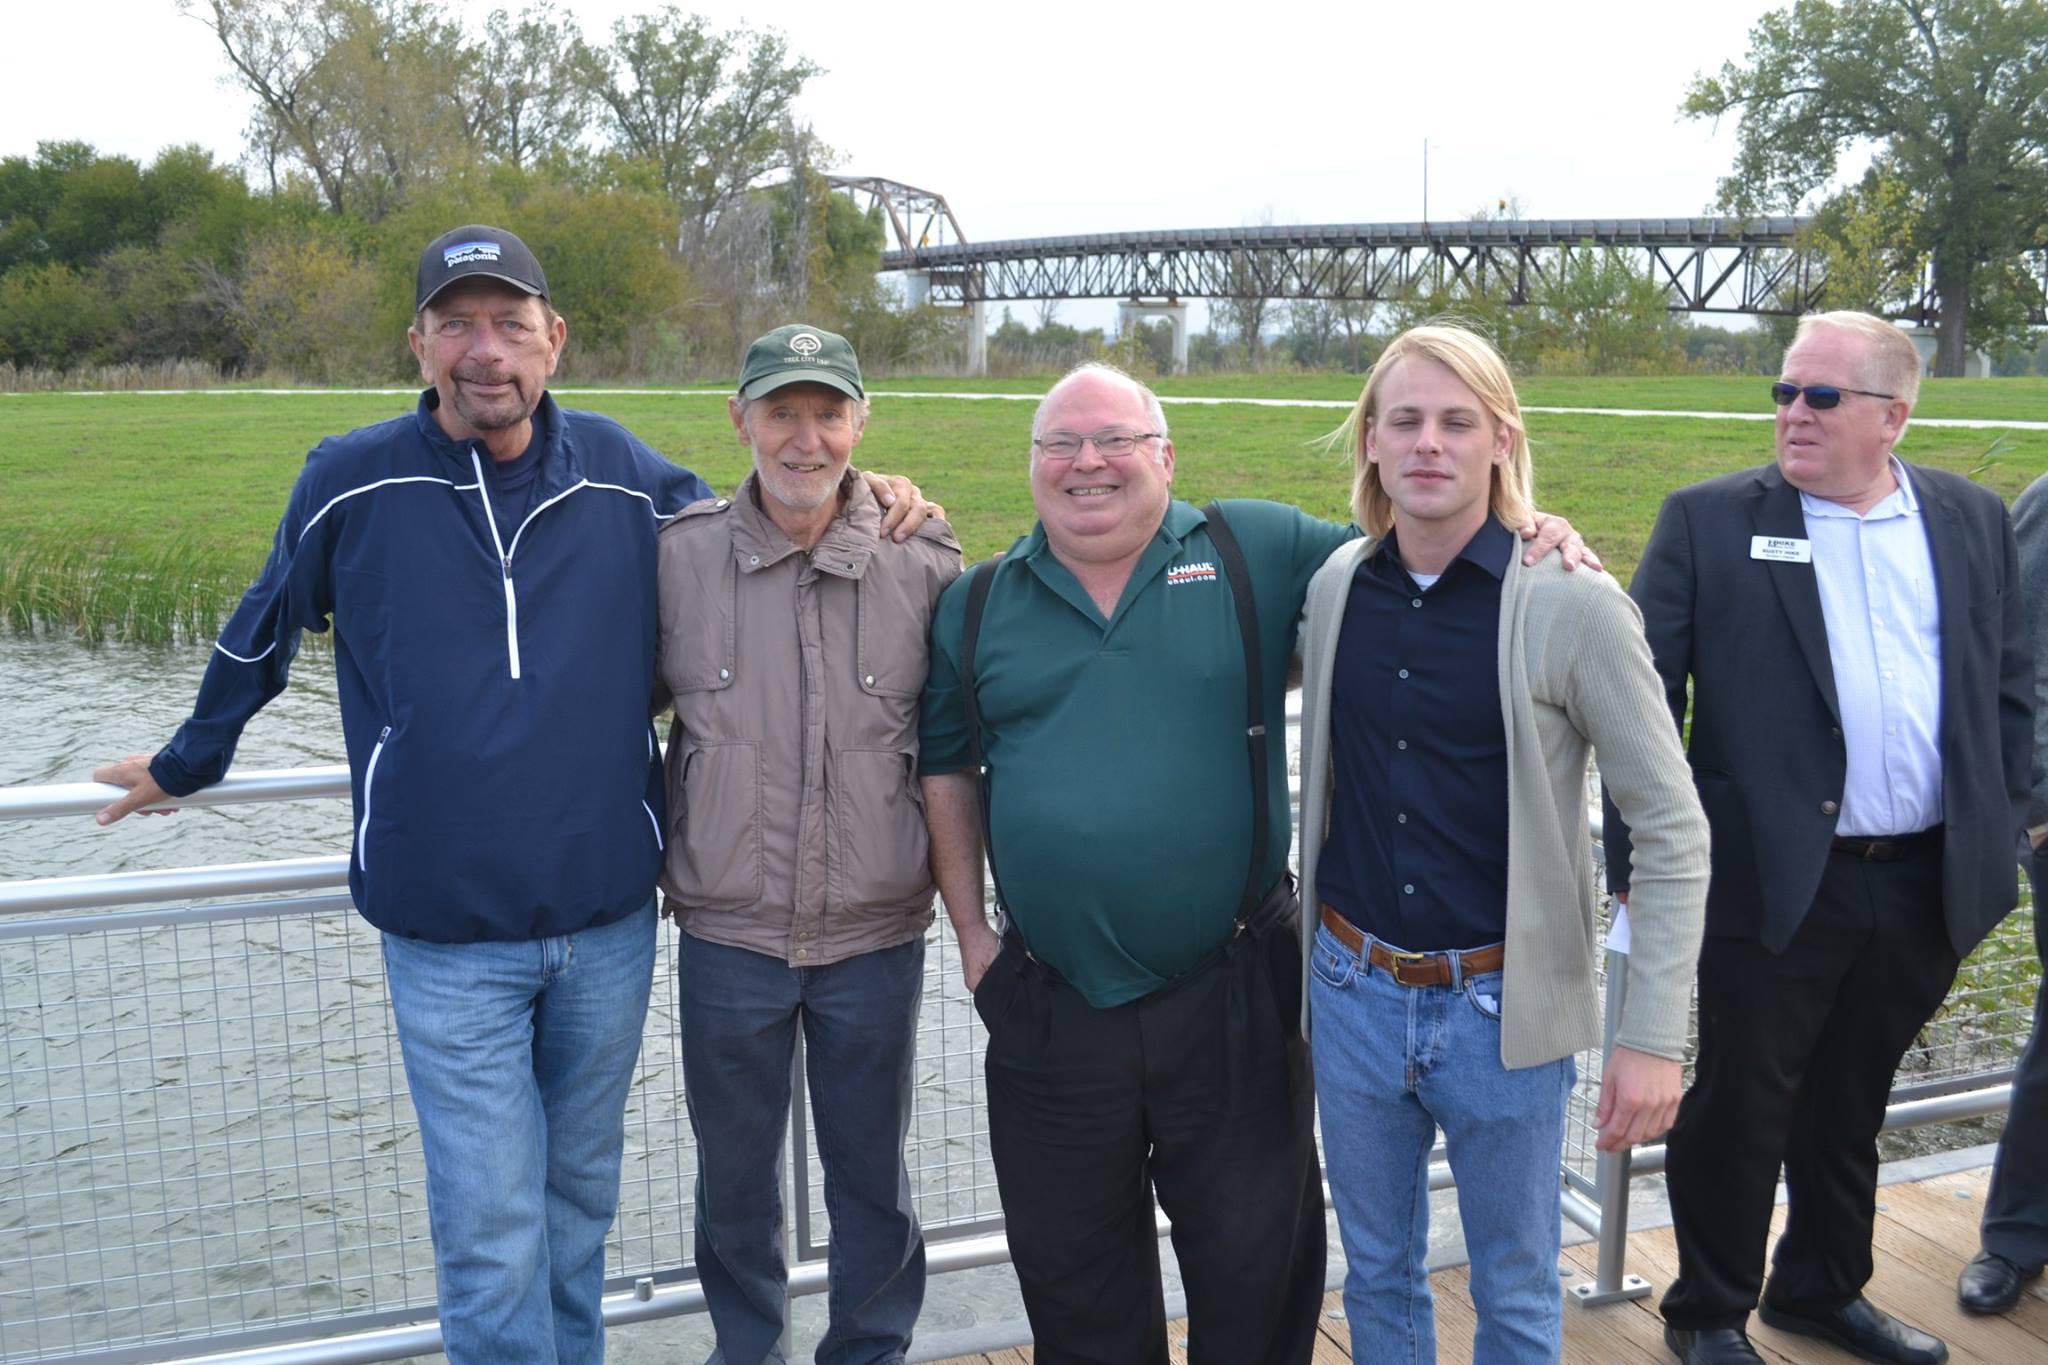 Four Councilmen